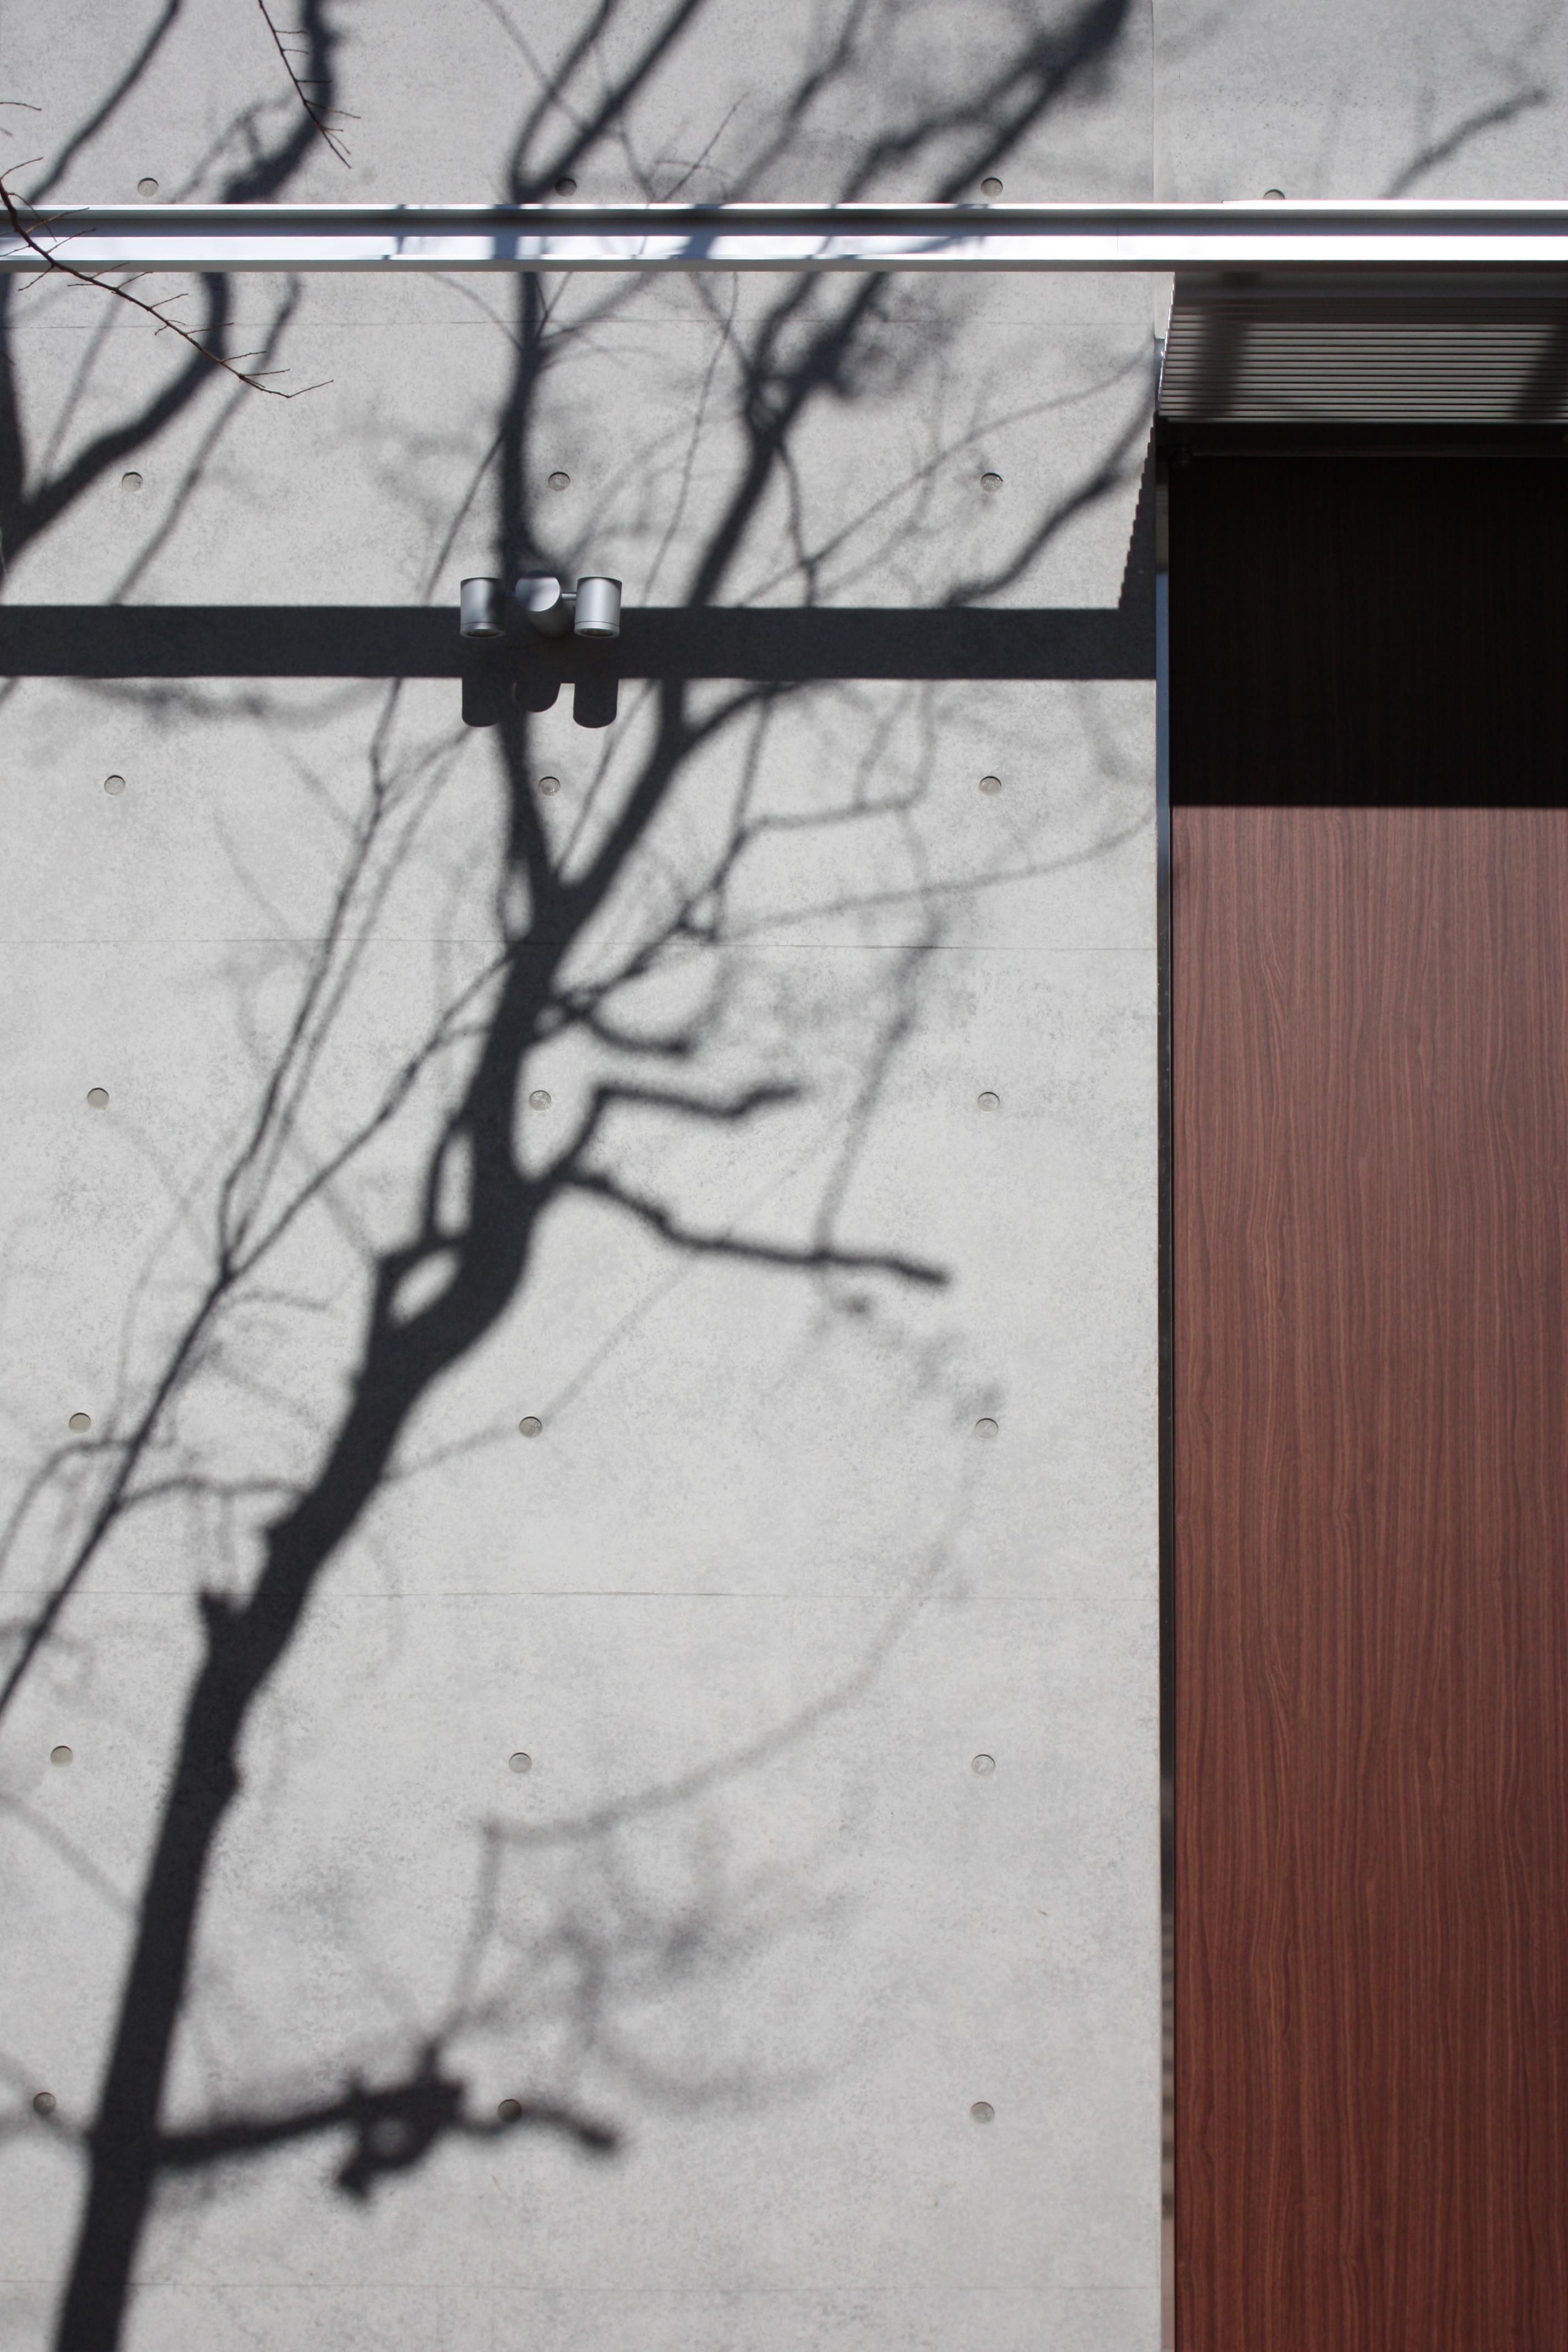 高級注文住宅ならMアーキテクツ|高級注文住宅 高級邸宅 デザイナーズ住宅